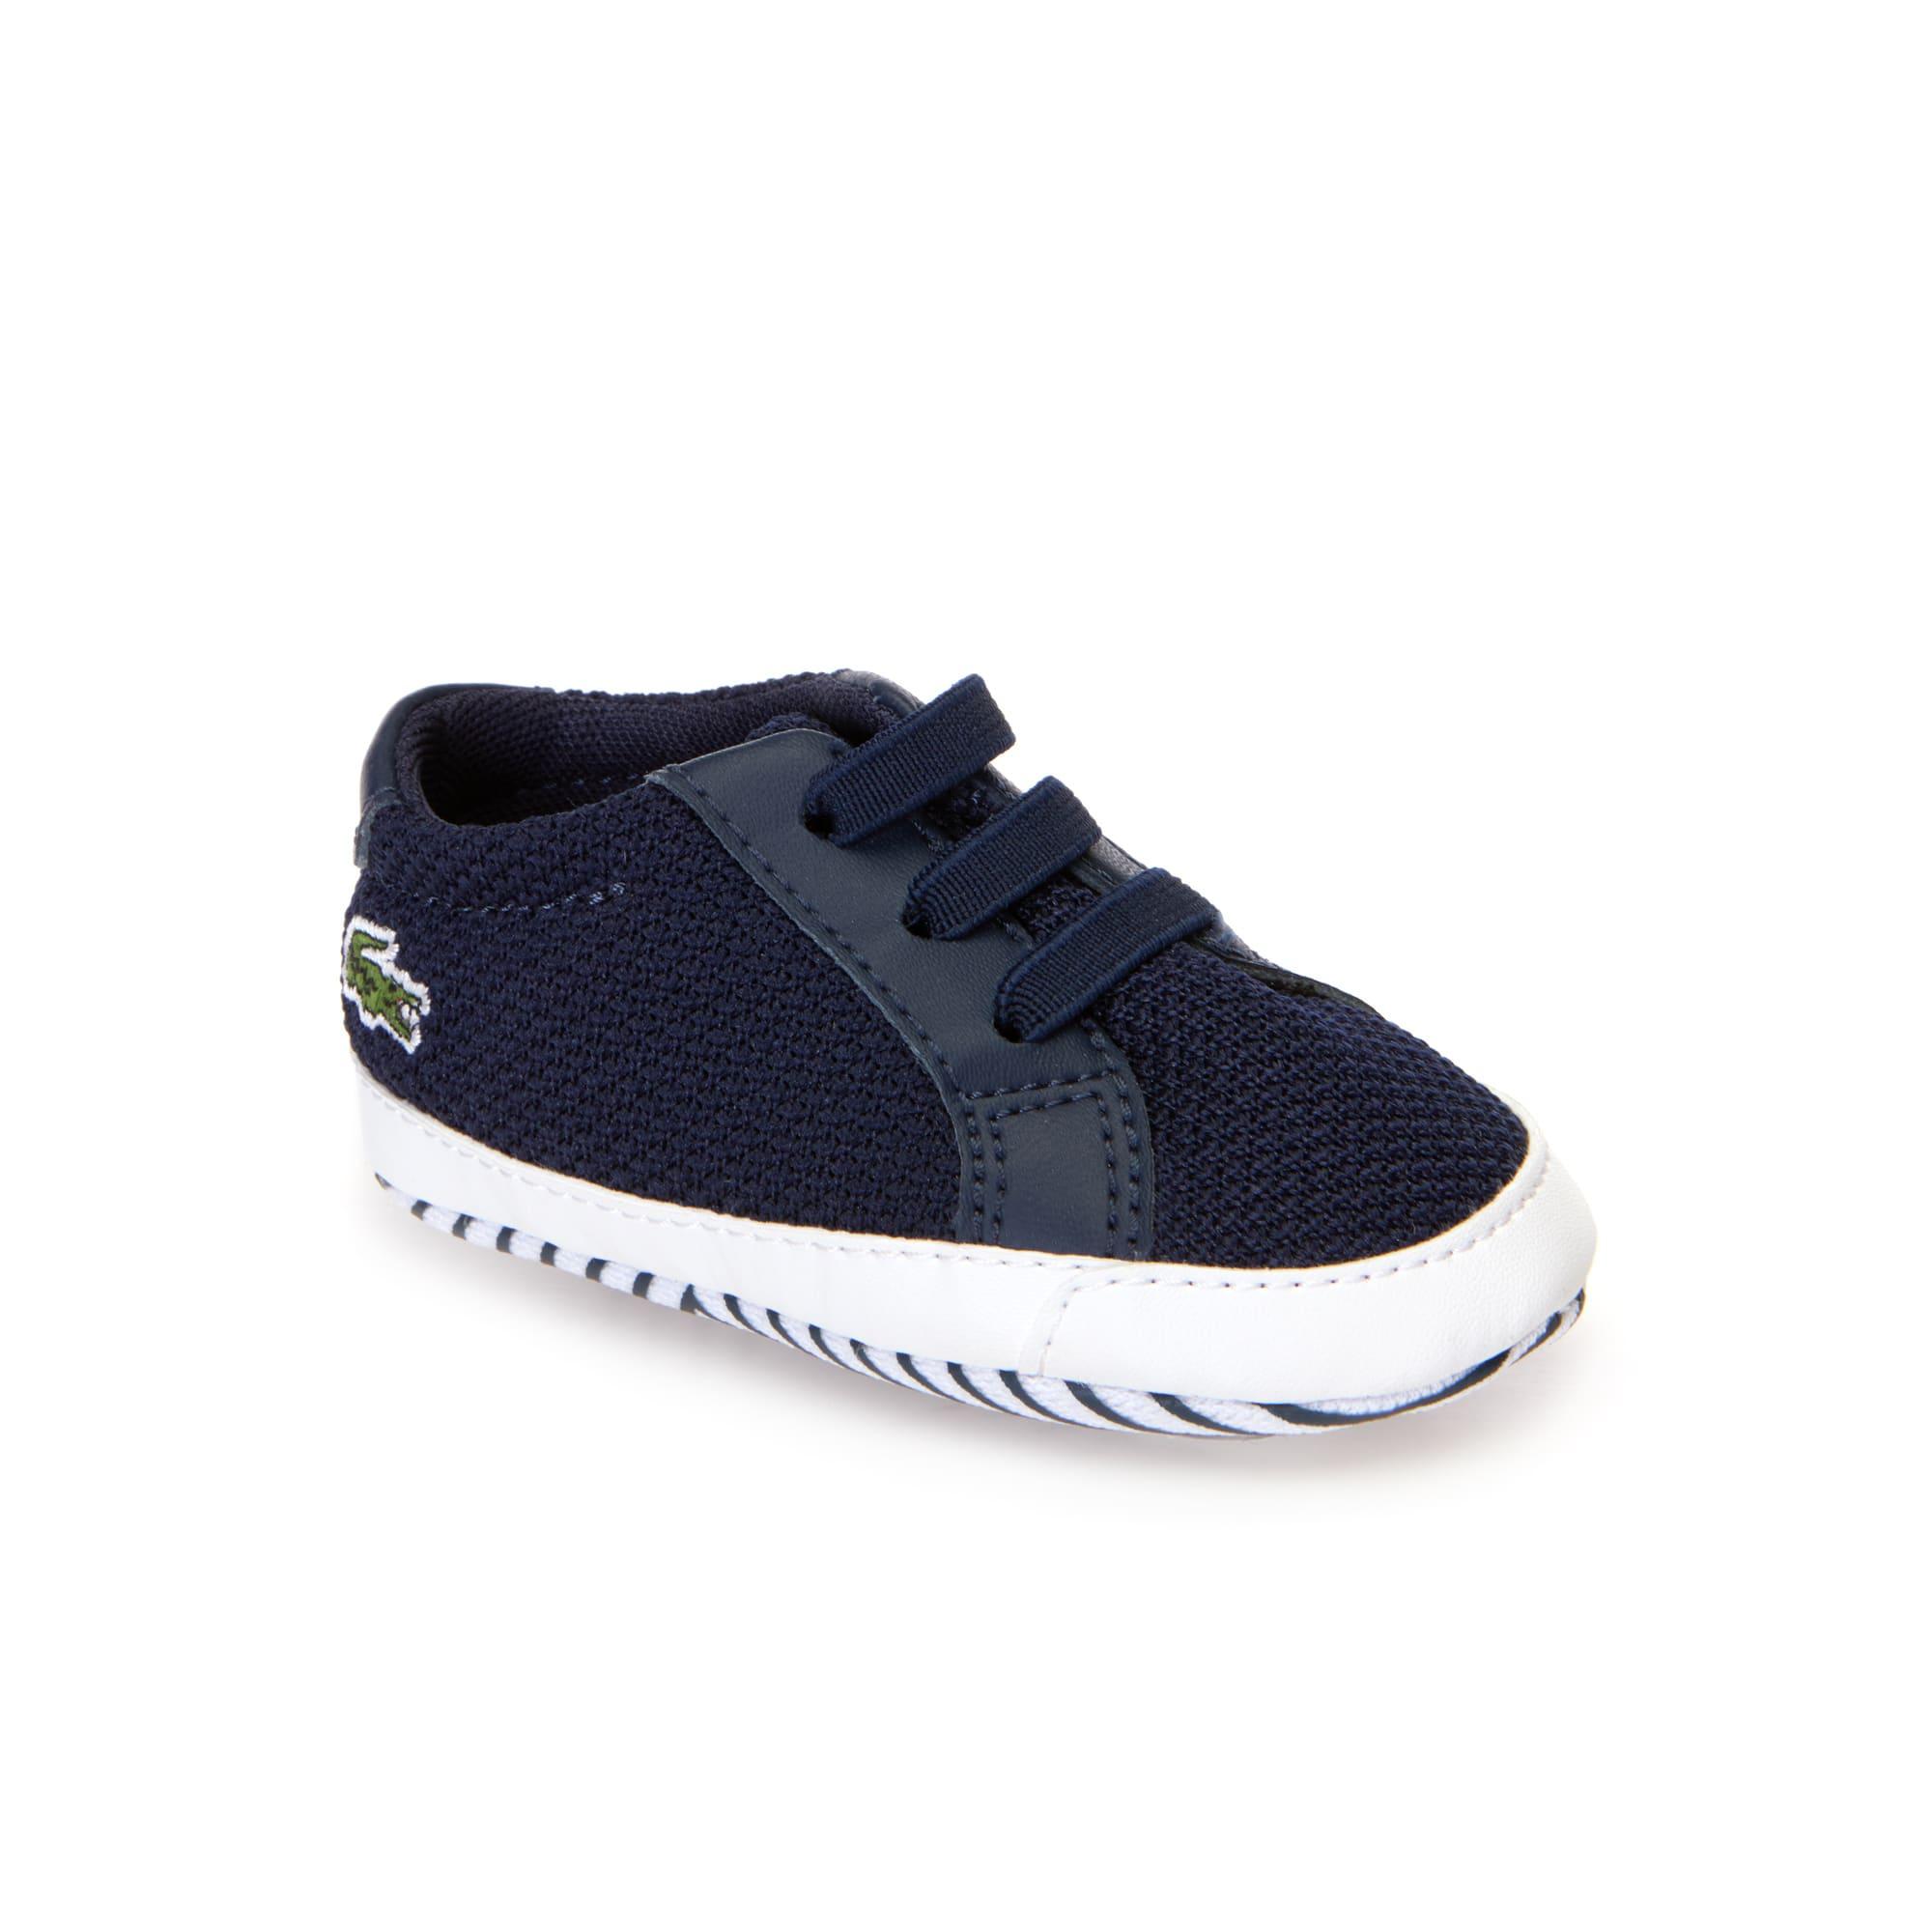 c6b496aea Zapatos para niños